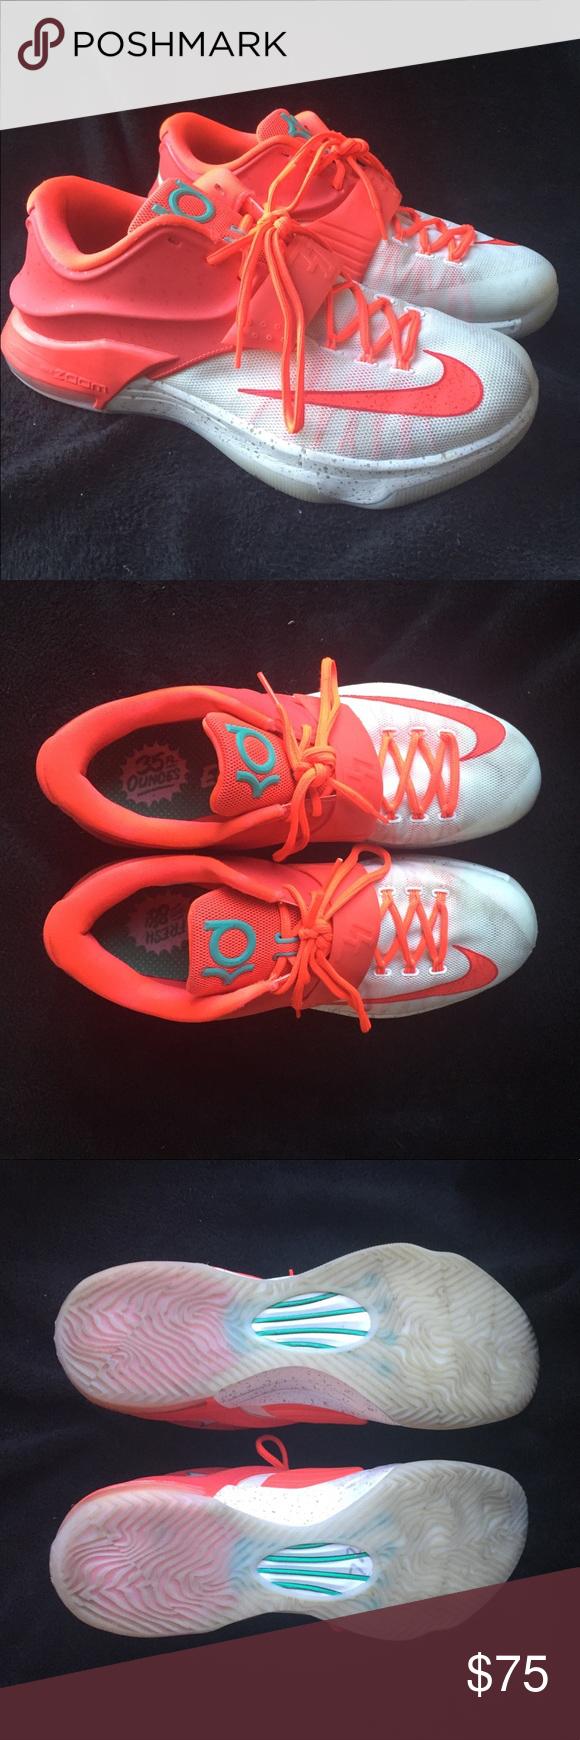 8fbf4d4e82c0 Eggnog shoes png 580x1740 Eggnog shoes